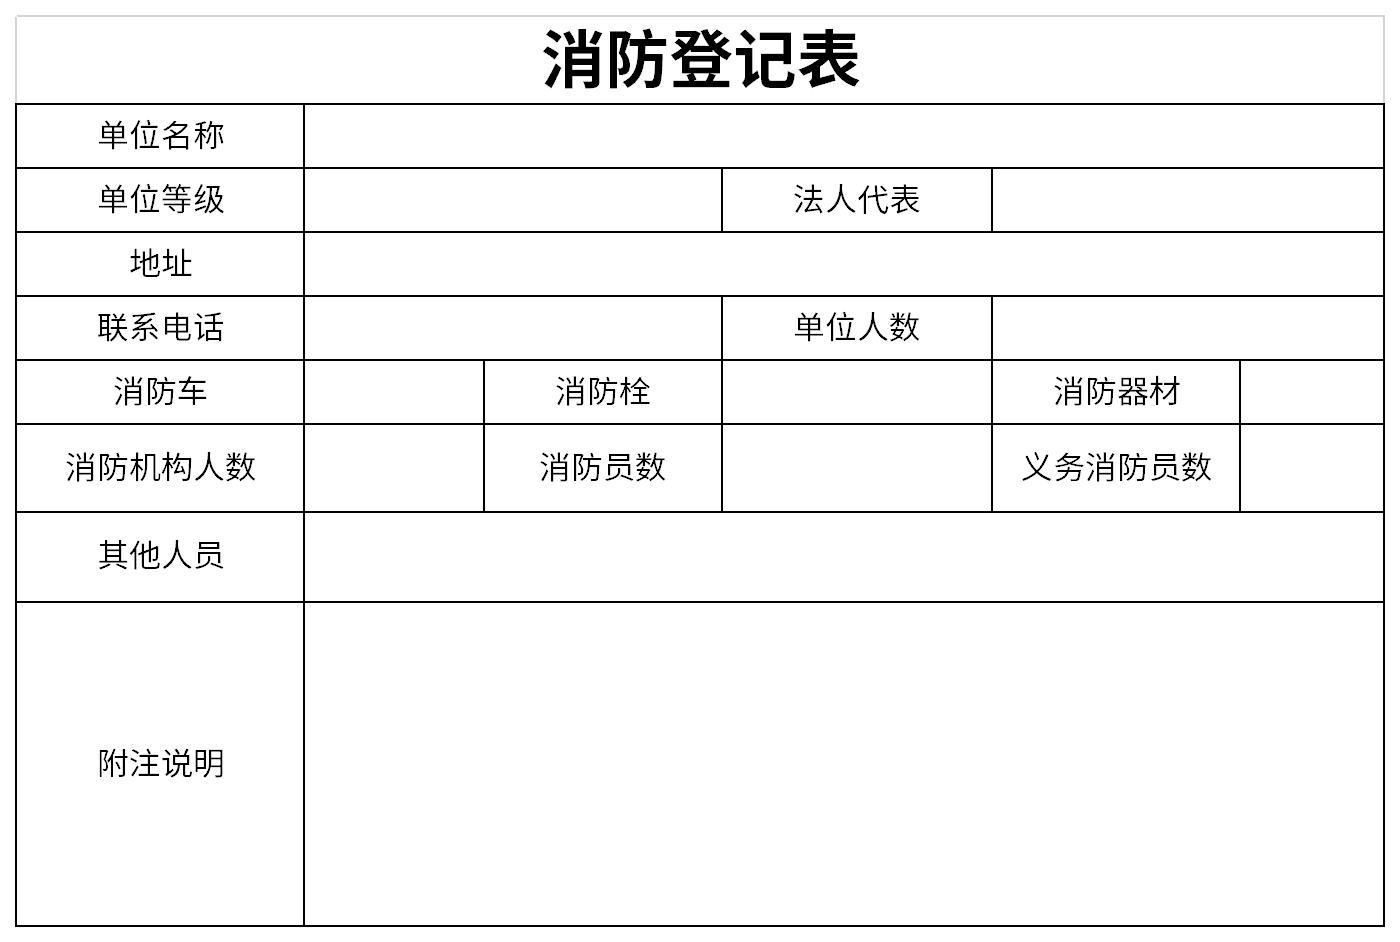 消防登记表截图